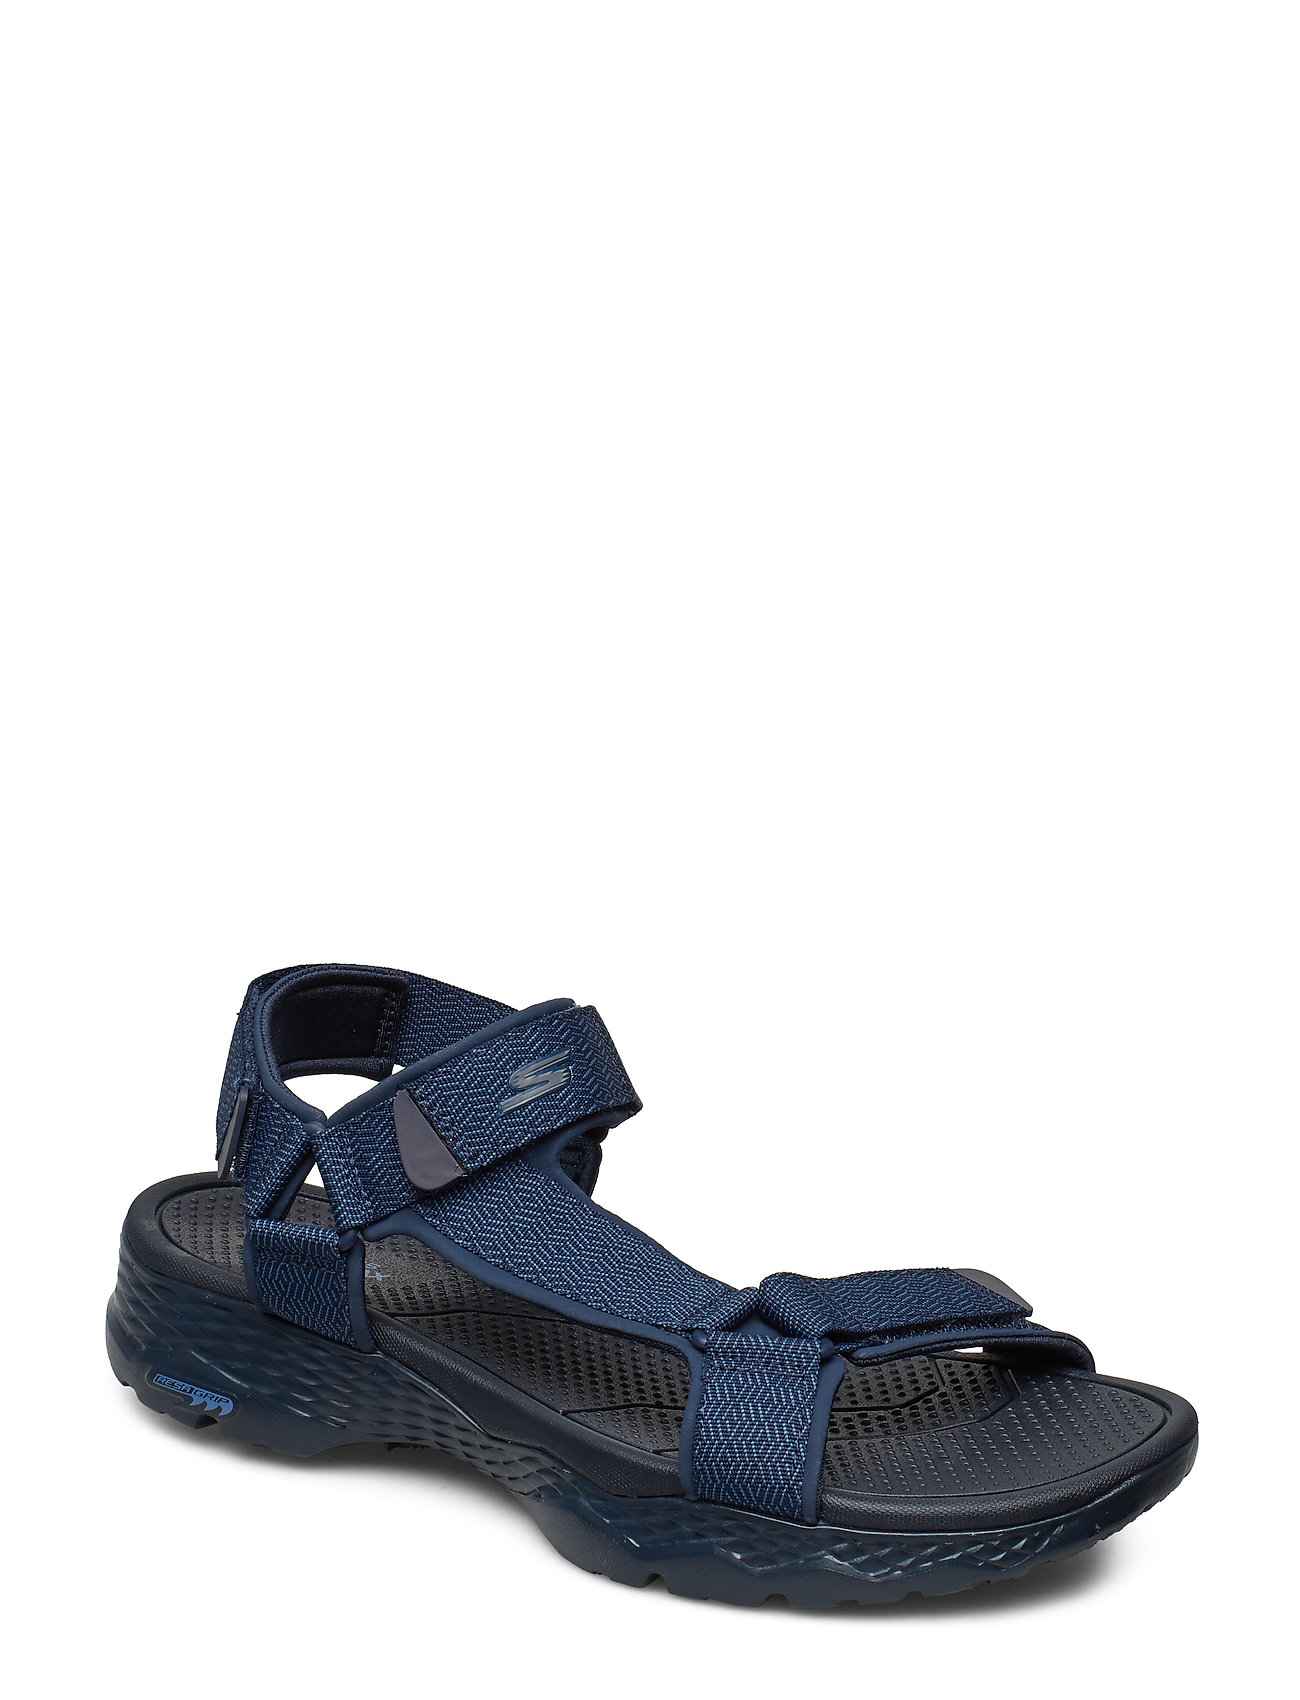 Mens Go Walk Outdoors Sandaler Blå SKECHERS